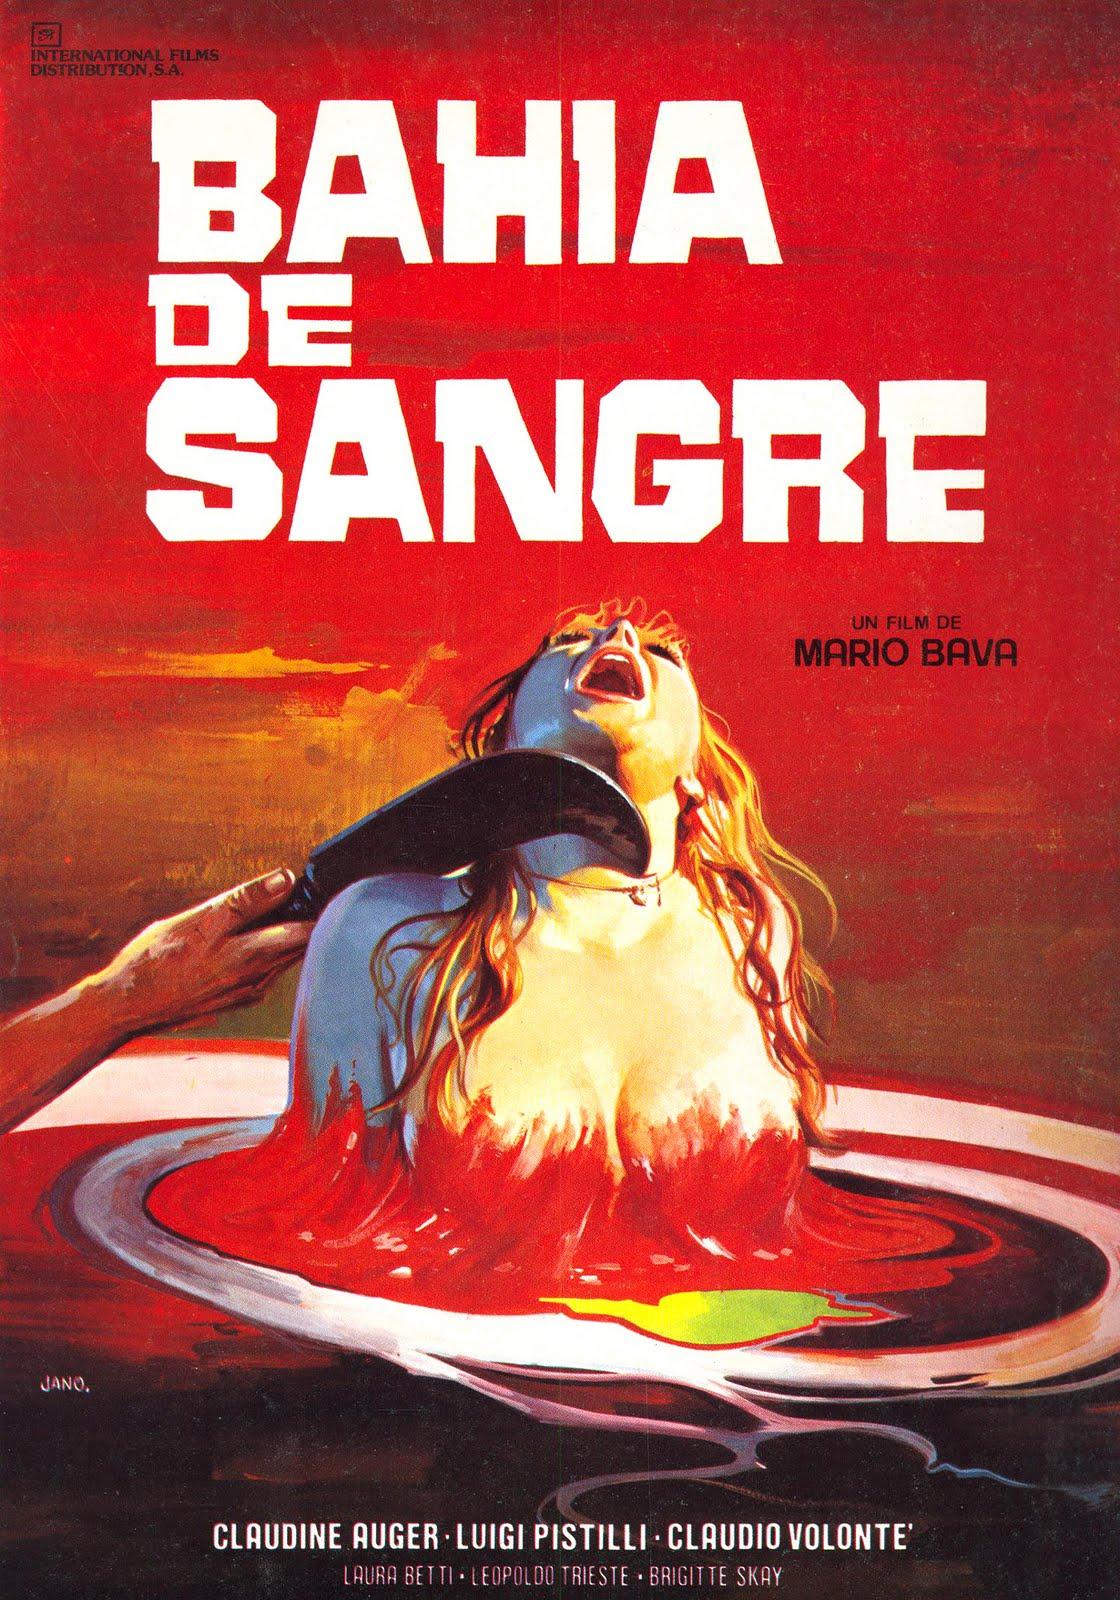 http://3.bp.blogspot.com/-Ard8jonQkKs/TcUW4GIuKFI/AAAAAAAATVY/b-__bf8AkN4/s1600/poster_05.jpg